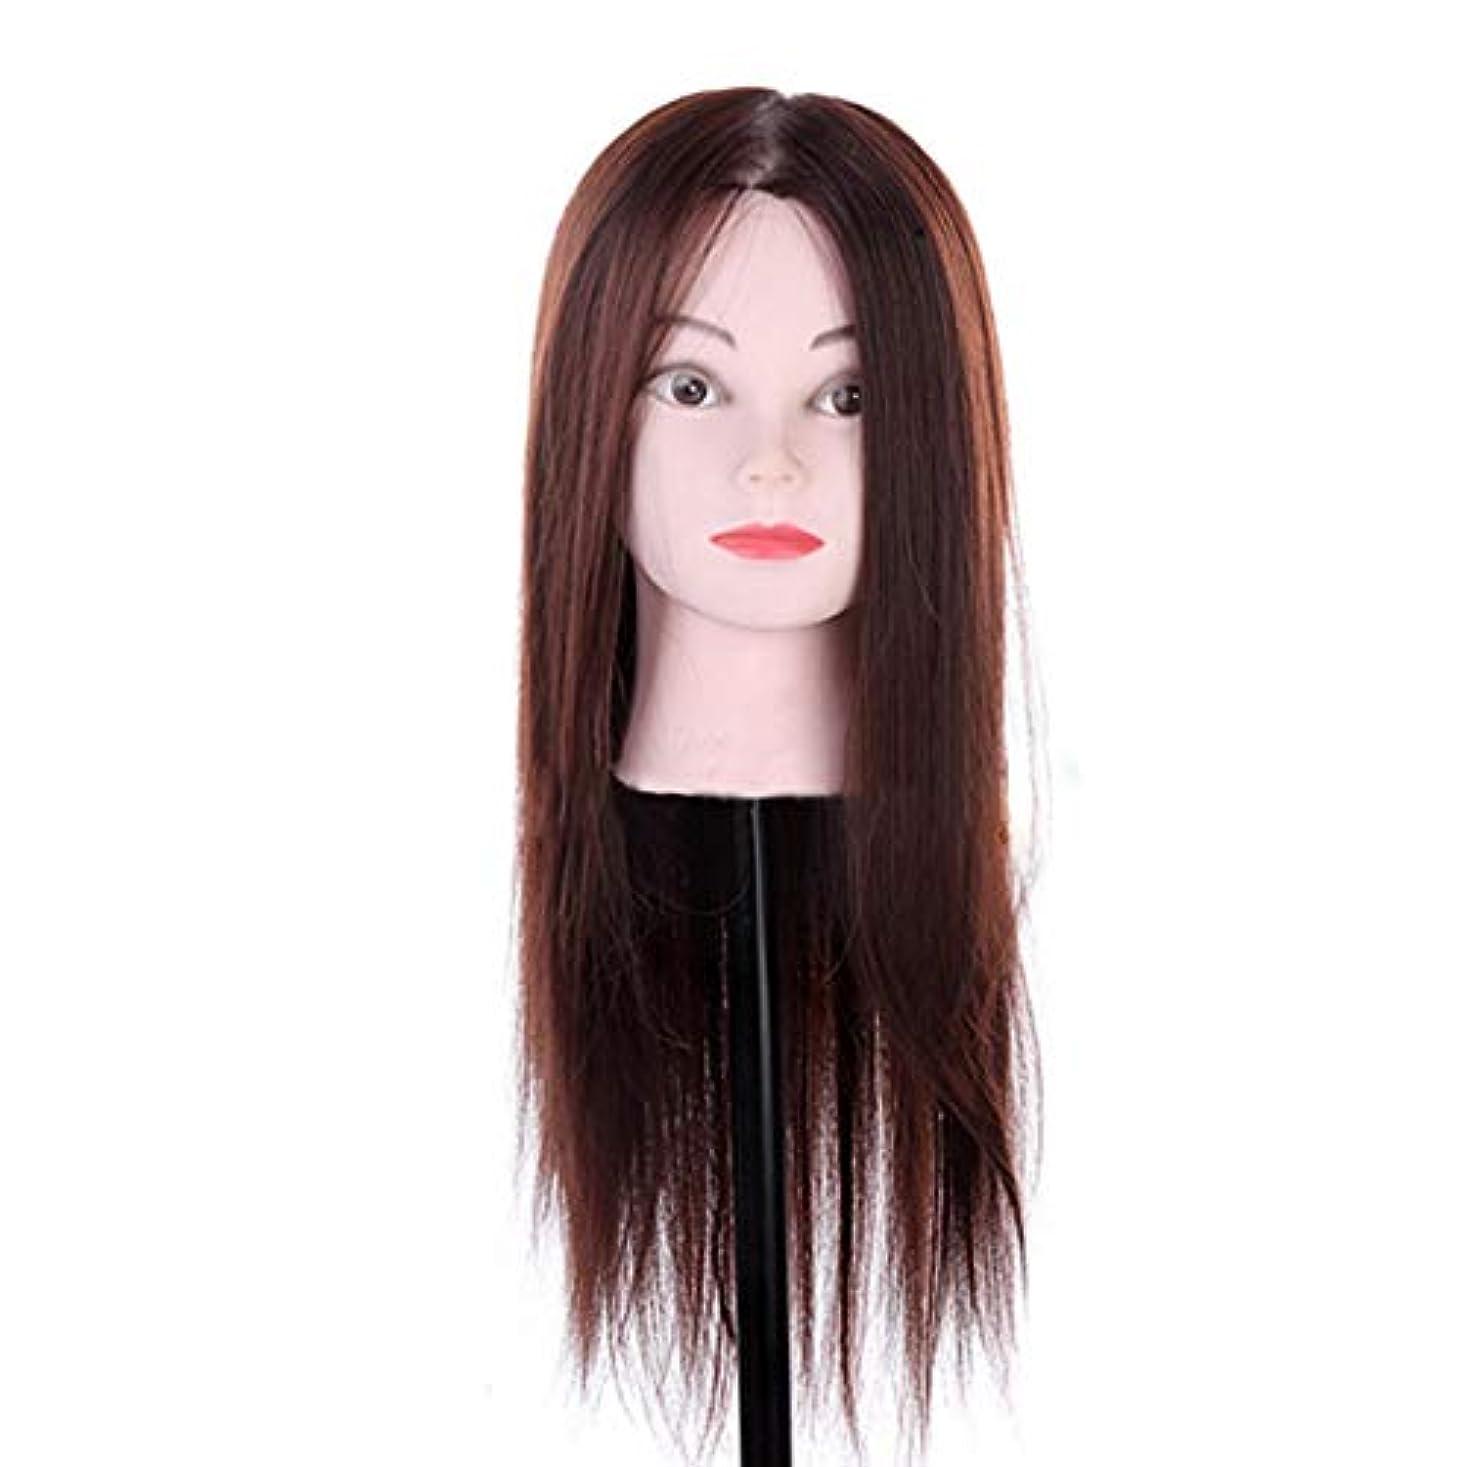 気楽な荒野学部長メイクアップエクササイズディスク髪編組ヘッド金型デュアルユースダミーヘッドモデルヘッド美容ヘアカットティーチングヘッドかつら